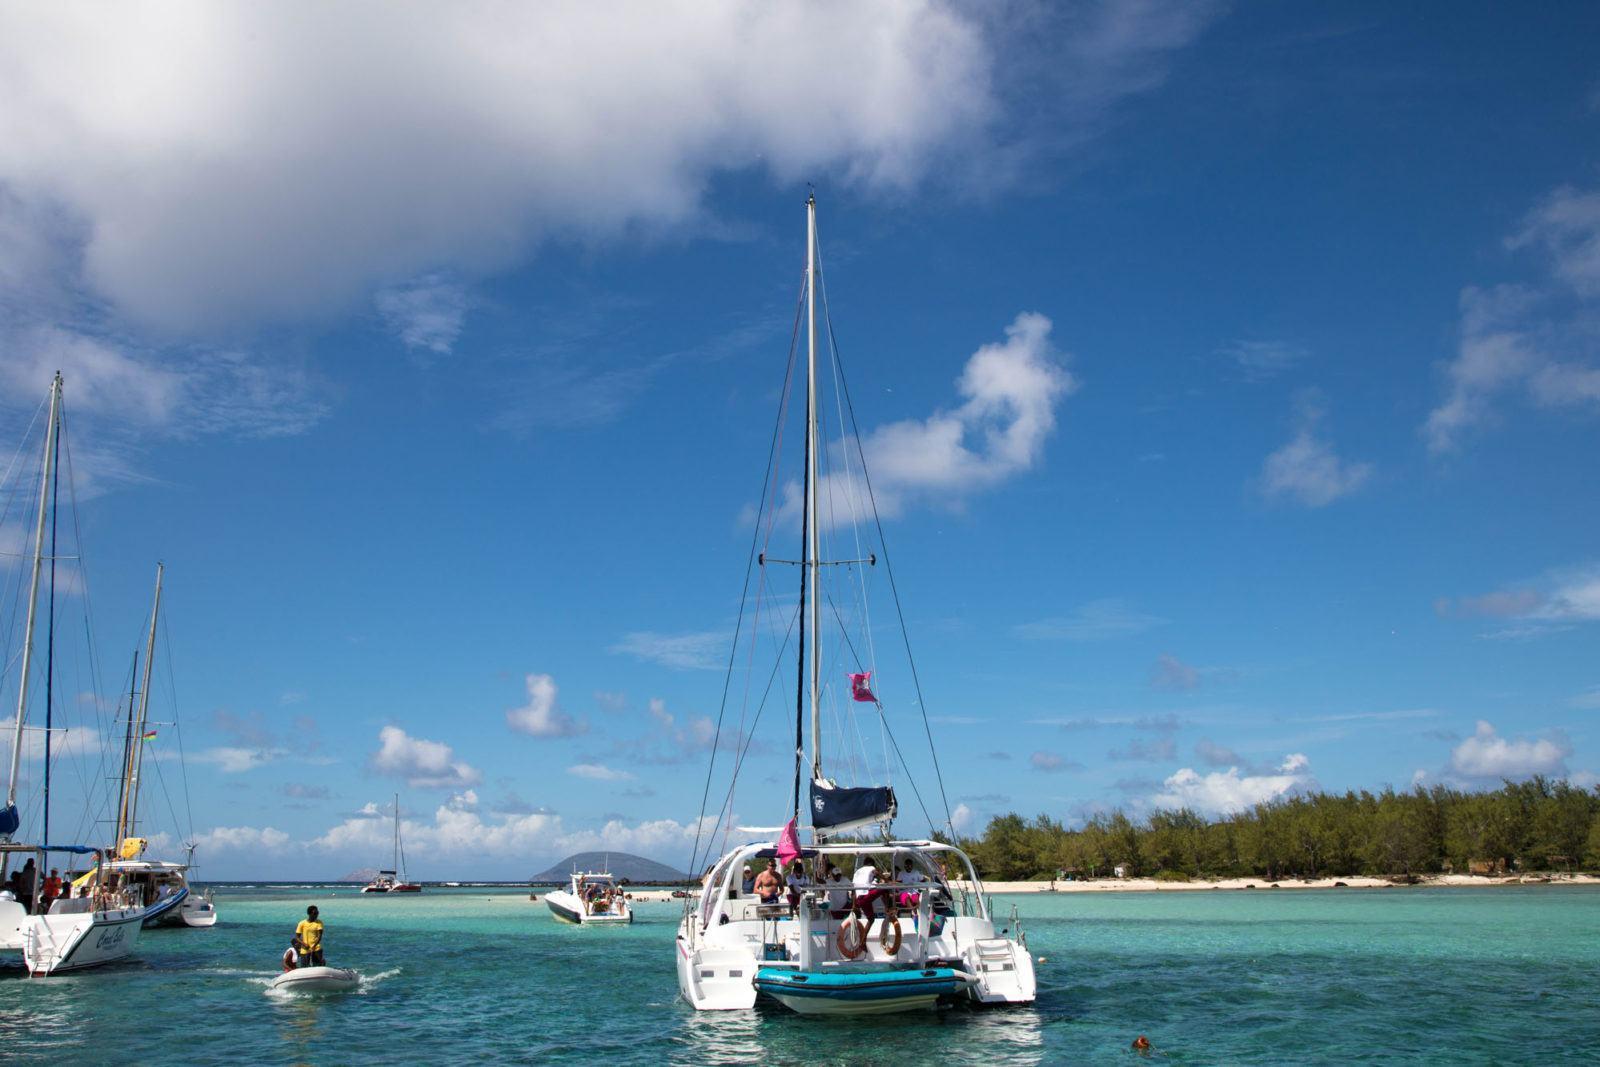 Катамаран и другие лодки припаркованы возле однодневной поездки на остров Маврикий. Чем заняться на Маврикии Чем заняться на Маврикии – Путешествие к звезде и ключу Индийского океана Catamaran Day Trip Mauritius 1 1600x1067